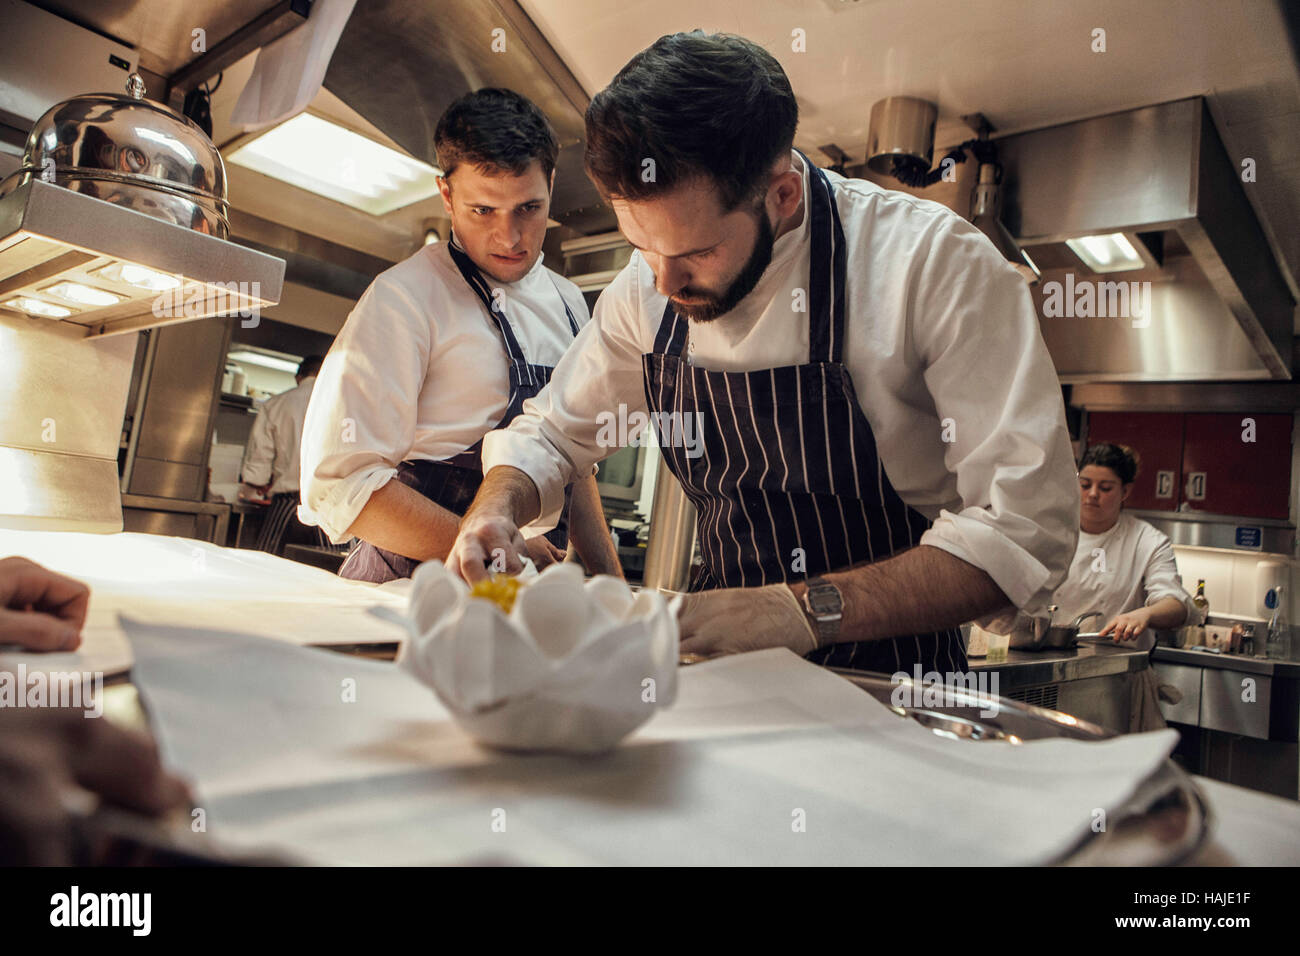 Su Chef Küche   Joni Francisco Chef De Partie Bereitet Eine Gericht Wahrend Tom